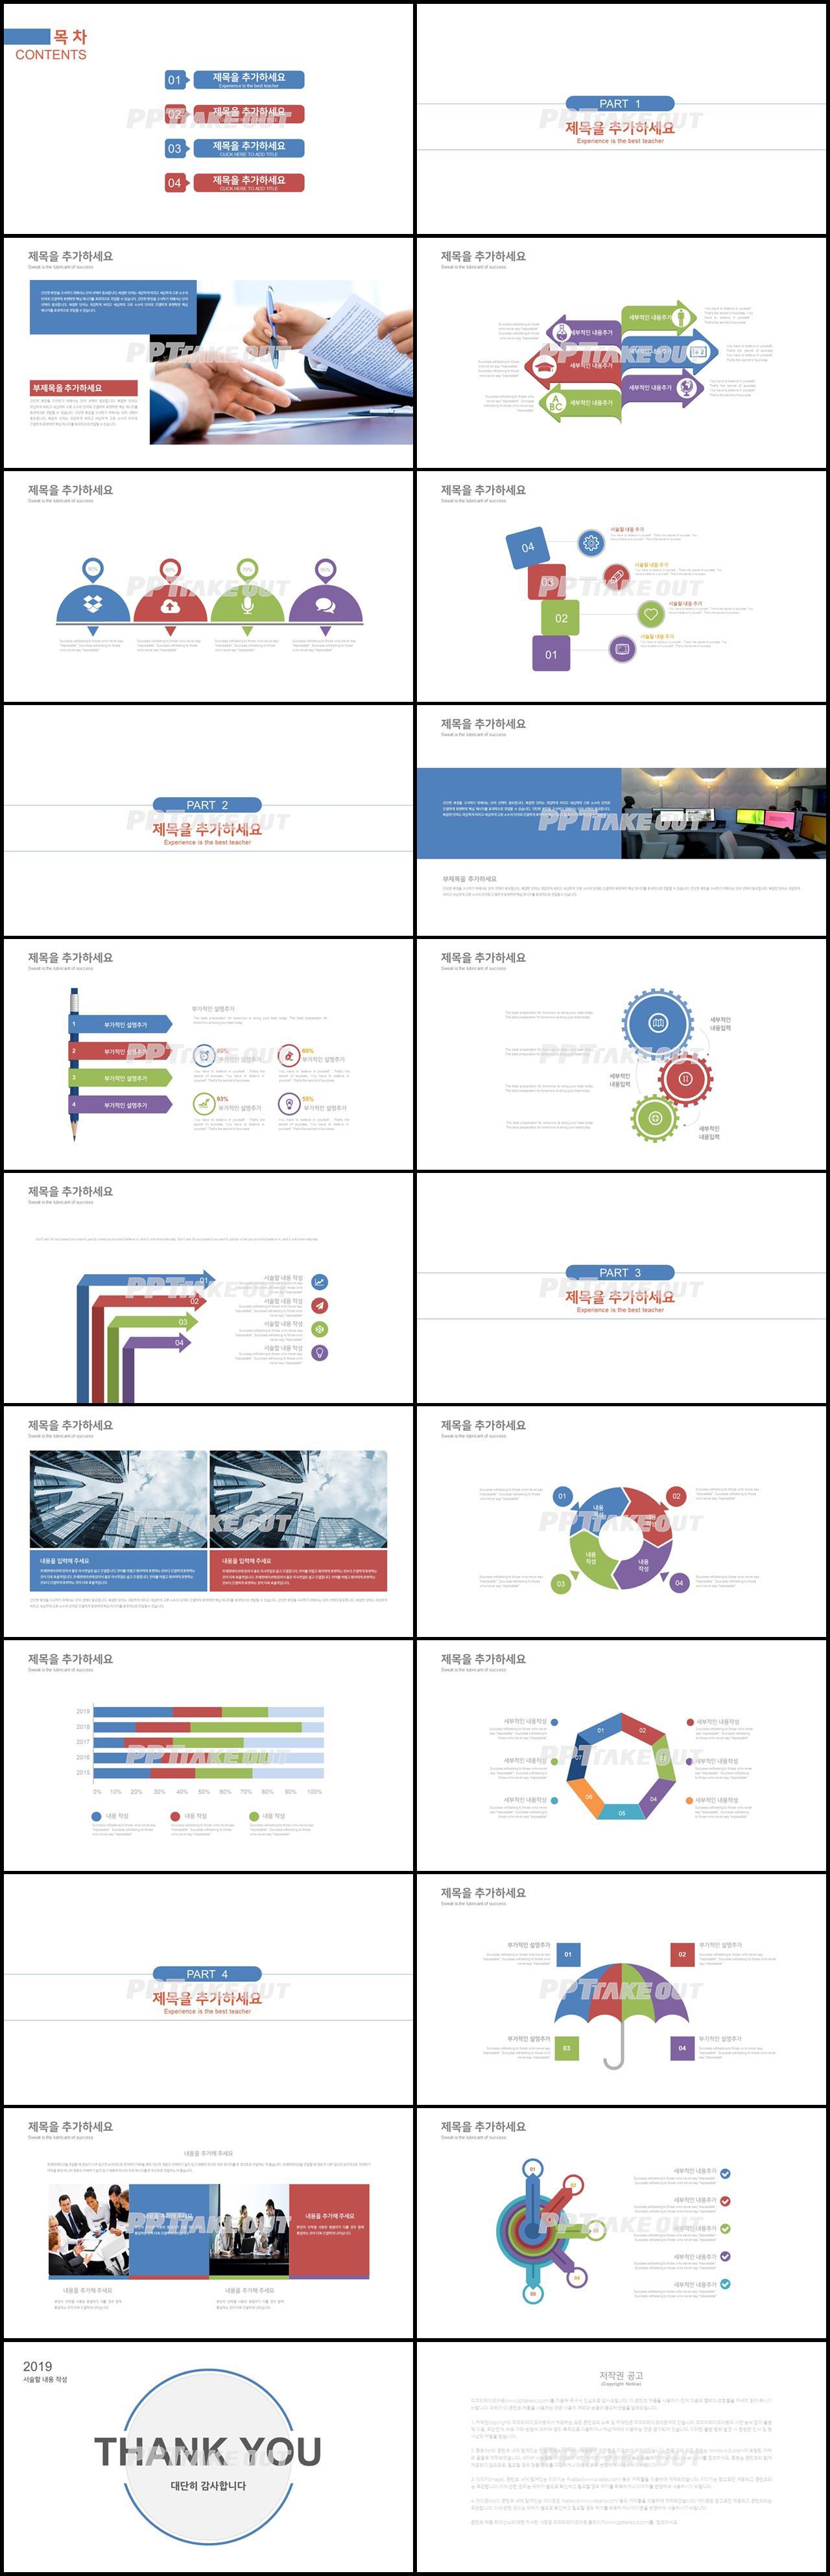 논문발표 컬러 간략한 다양한 주제에 어울리는 POWERPOINT탬플릿 디자인 상세보기